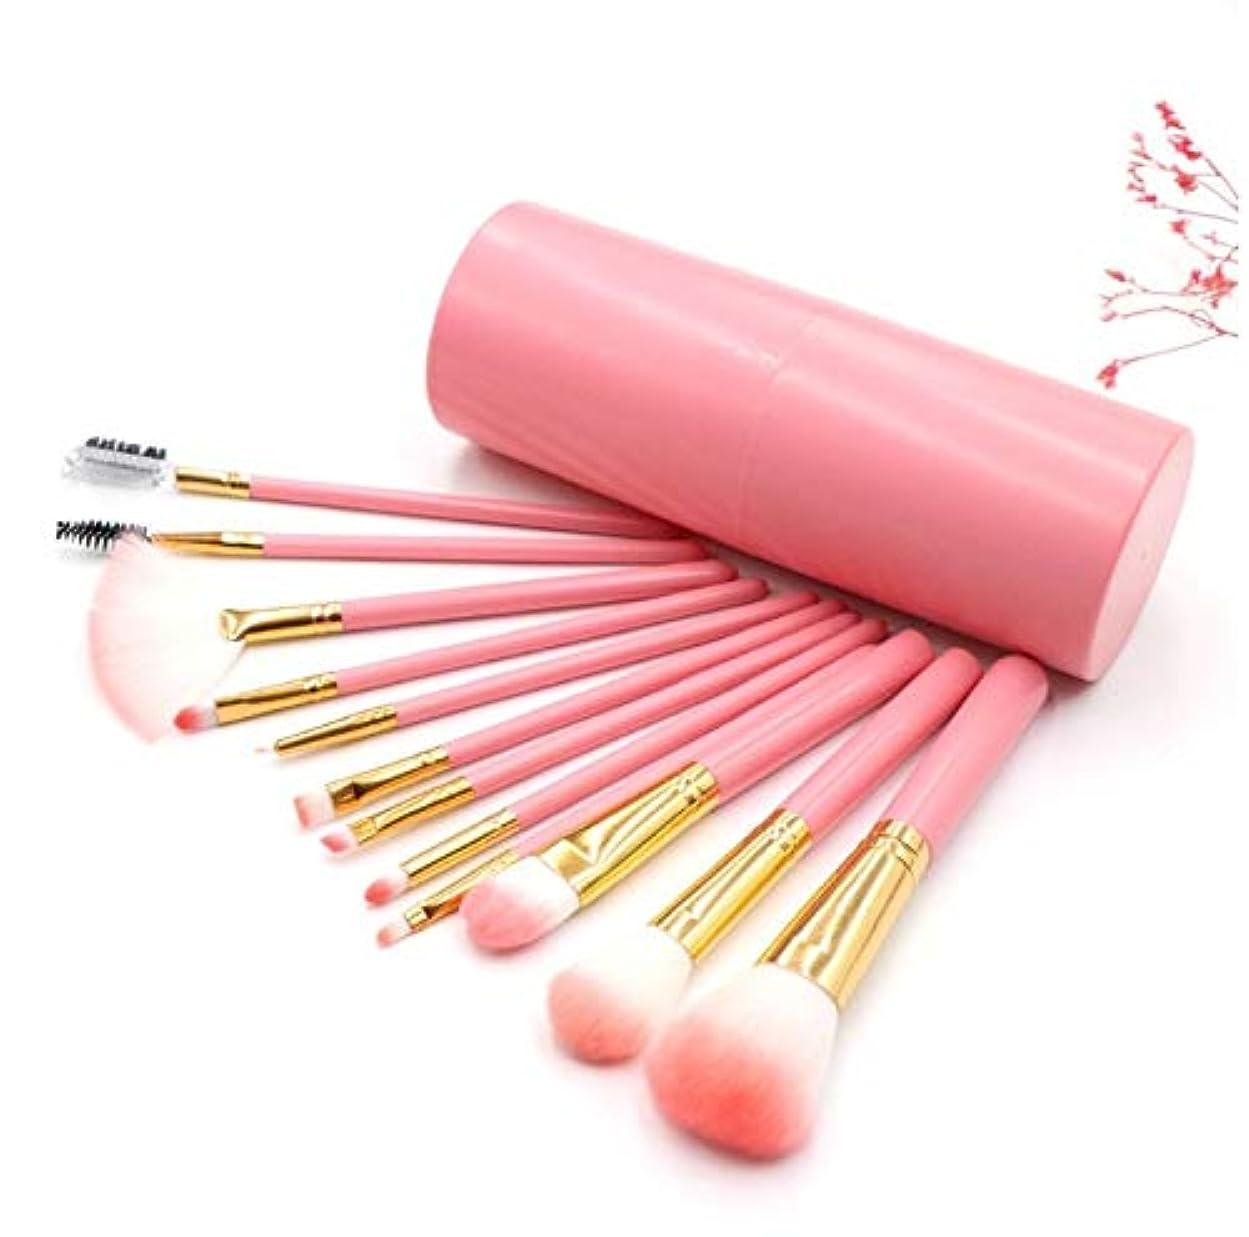 意見現実的震える化粧ブラシセット、ピンク12化粧ブラシバケツブラシセットアイシャドウブラシリップブラシ美容化粧道具